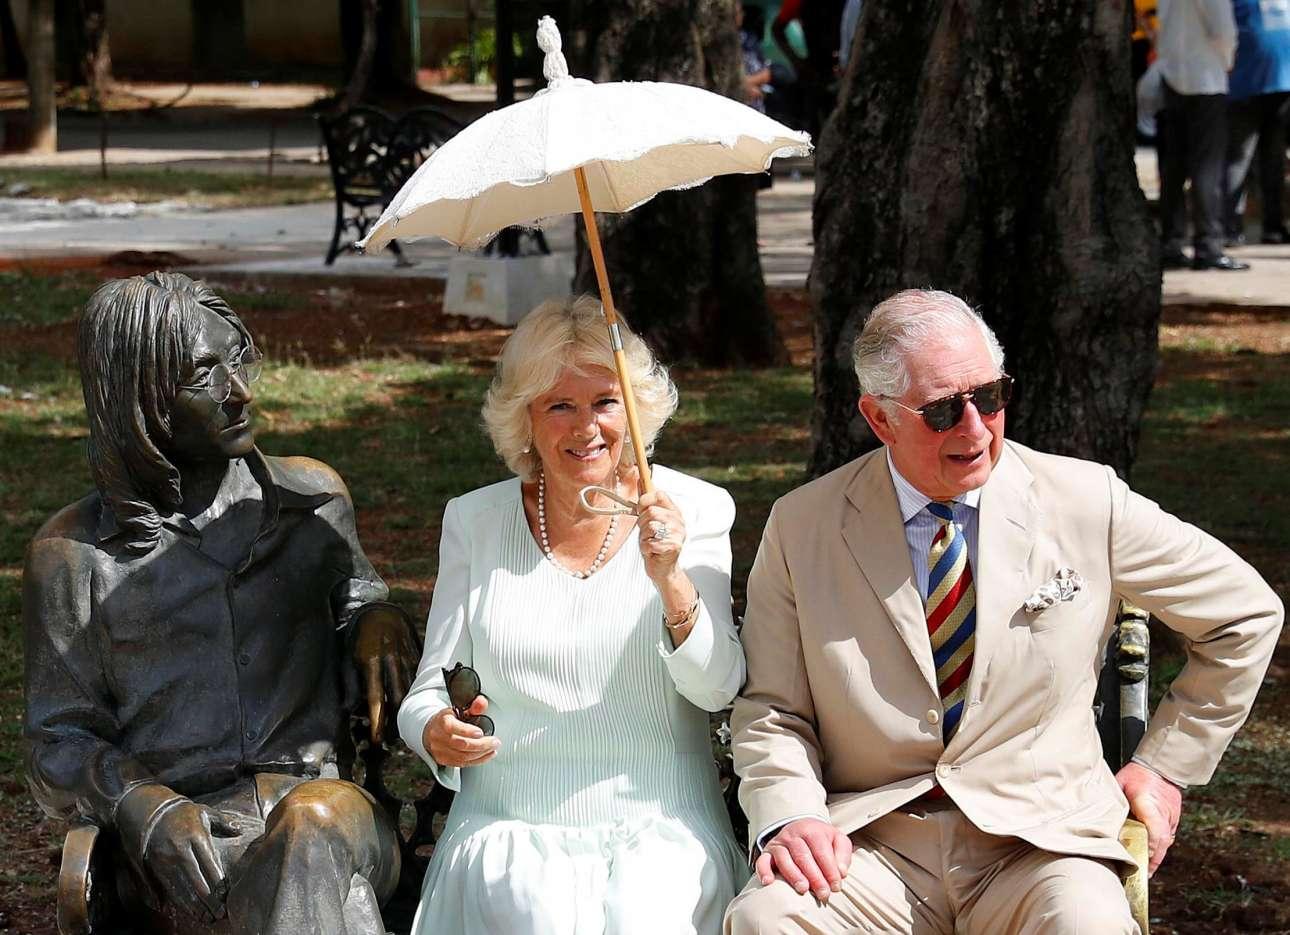 Η Αβάνα διαθέτει πάρκο ονόματι Τζον Λένον όπου και το μπρούντζινο άγαλμα του μακαρίτη μουσικού σε ένα παγκάκι που αποτελεί μέρος της γλυπτικής σύνθεσης - ε, εκεί κάθισαν για λίγο η Καμίλα και ο Κάρολος